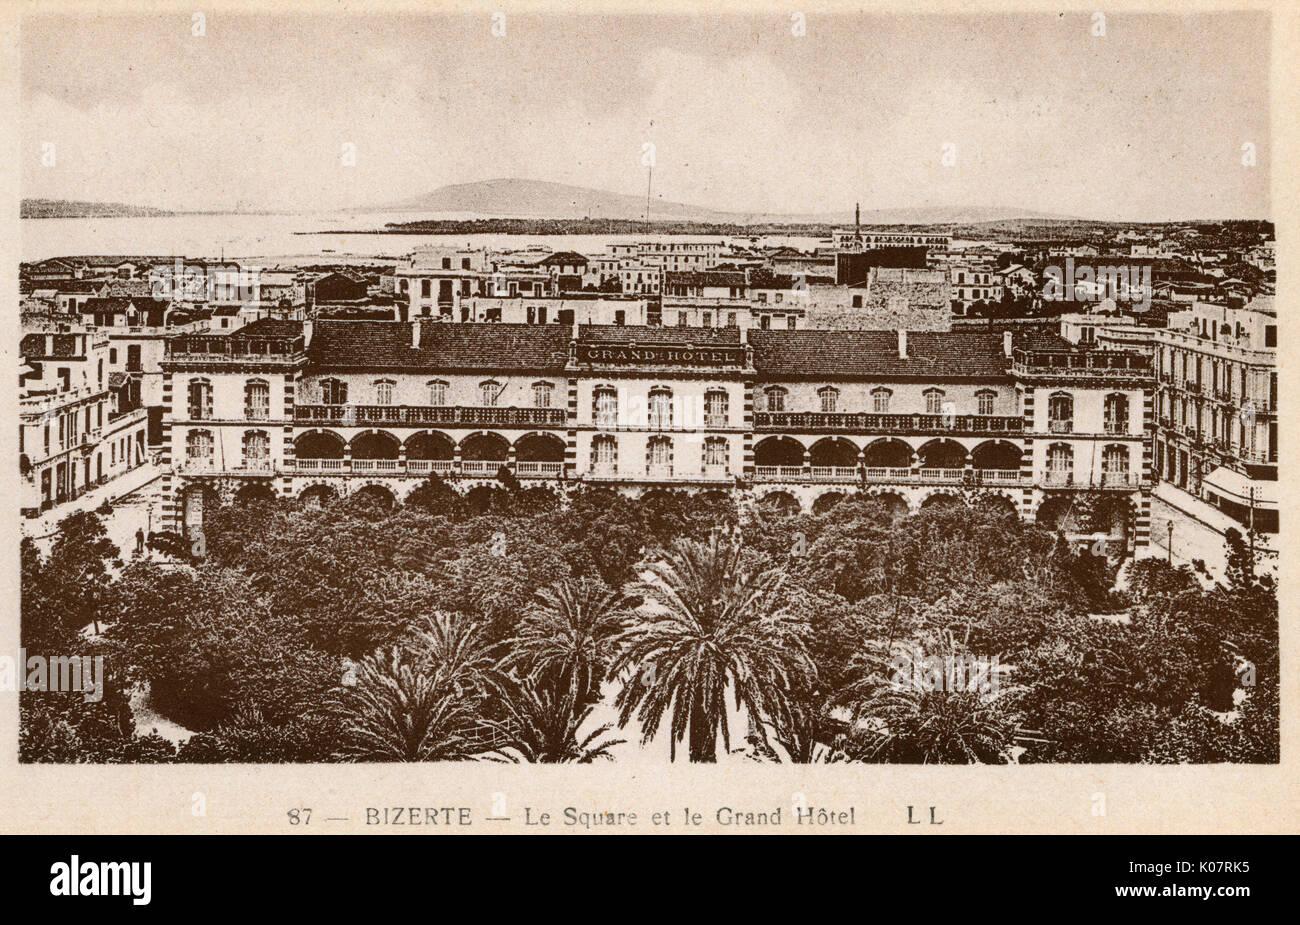 Luftaufnahme Des Grand Hotel Auf Einem Baum Platz Gefullt Bizerte Bizerta Tunesien Und Nordafrika Datum Ca 1920 Stockfotografie Alamy